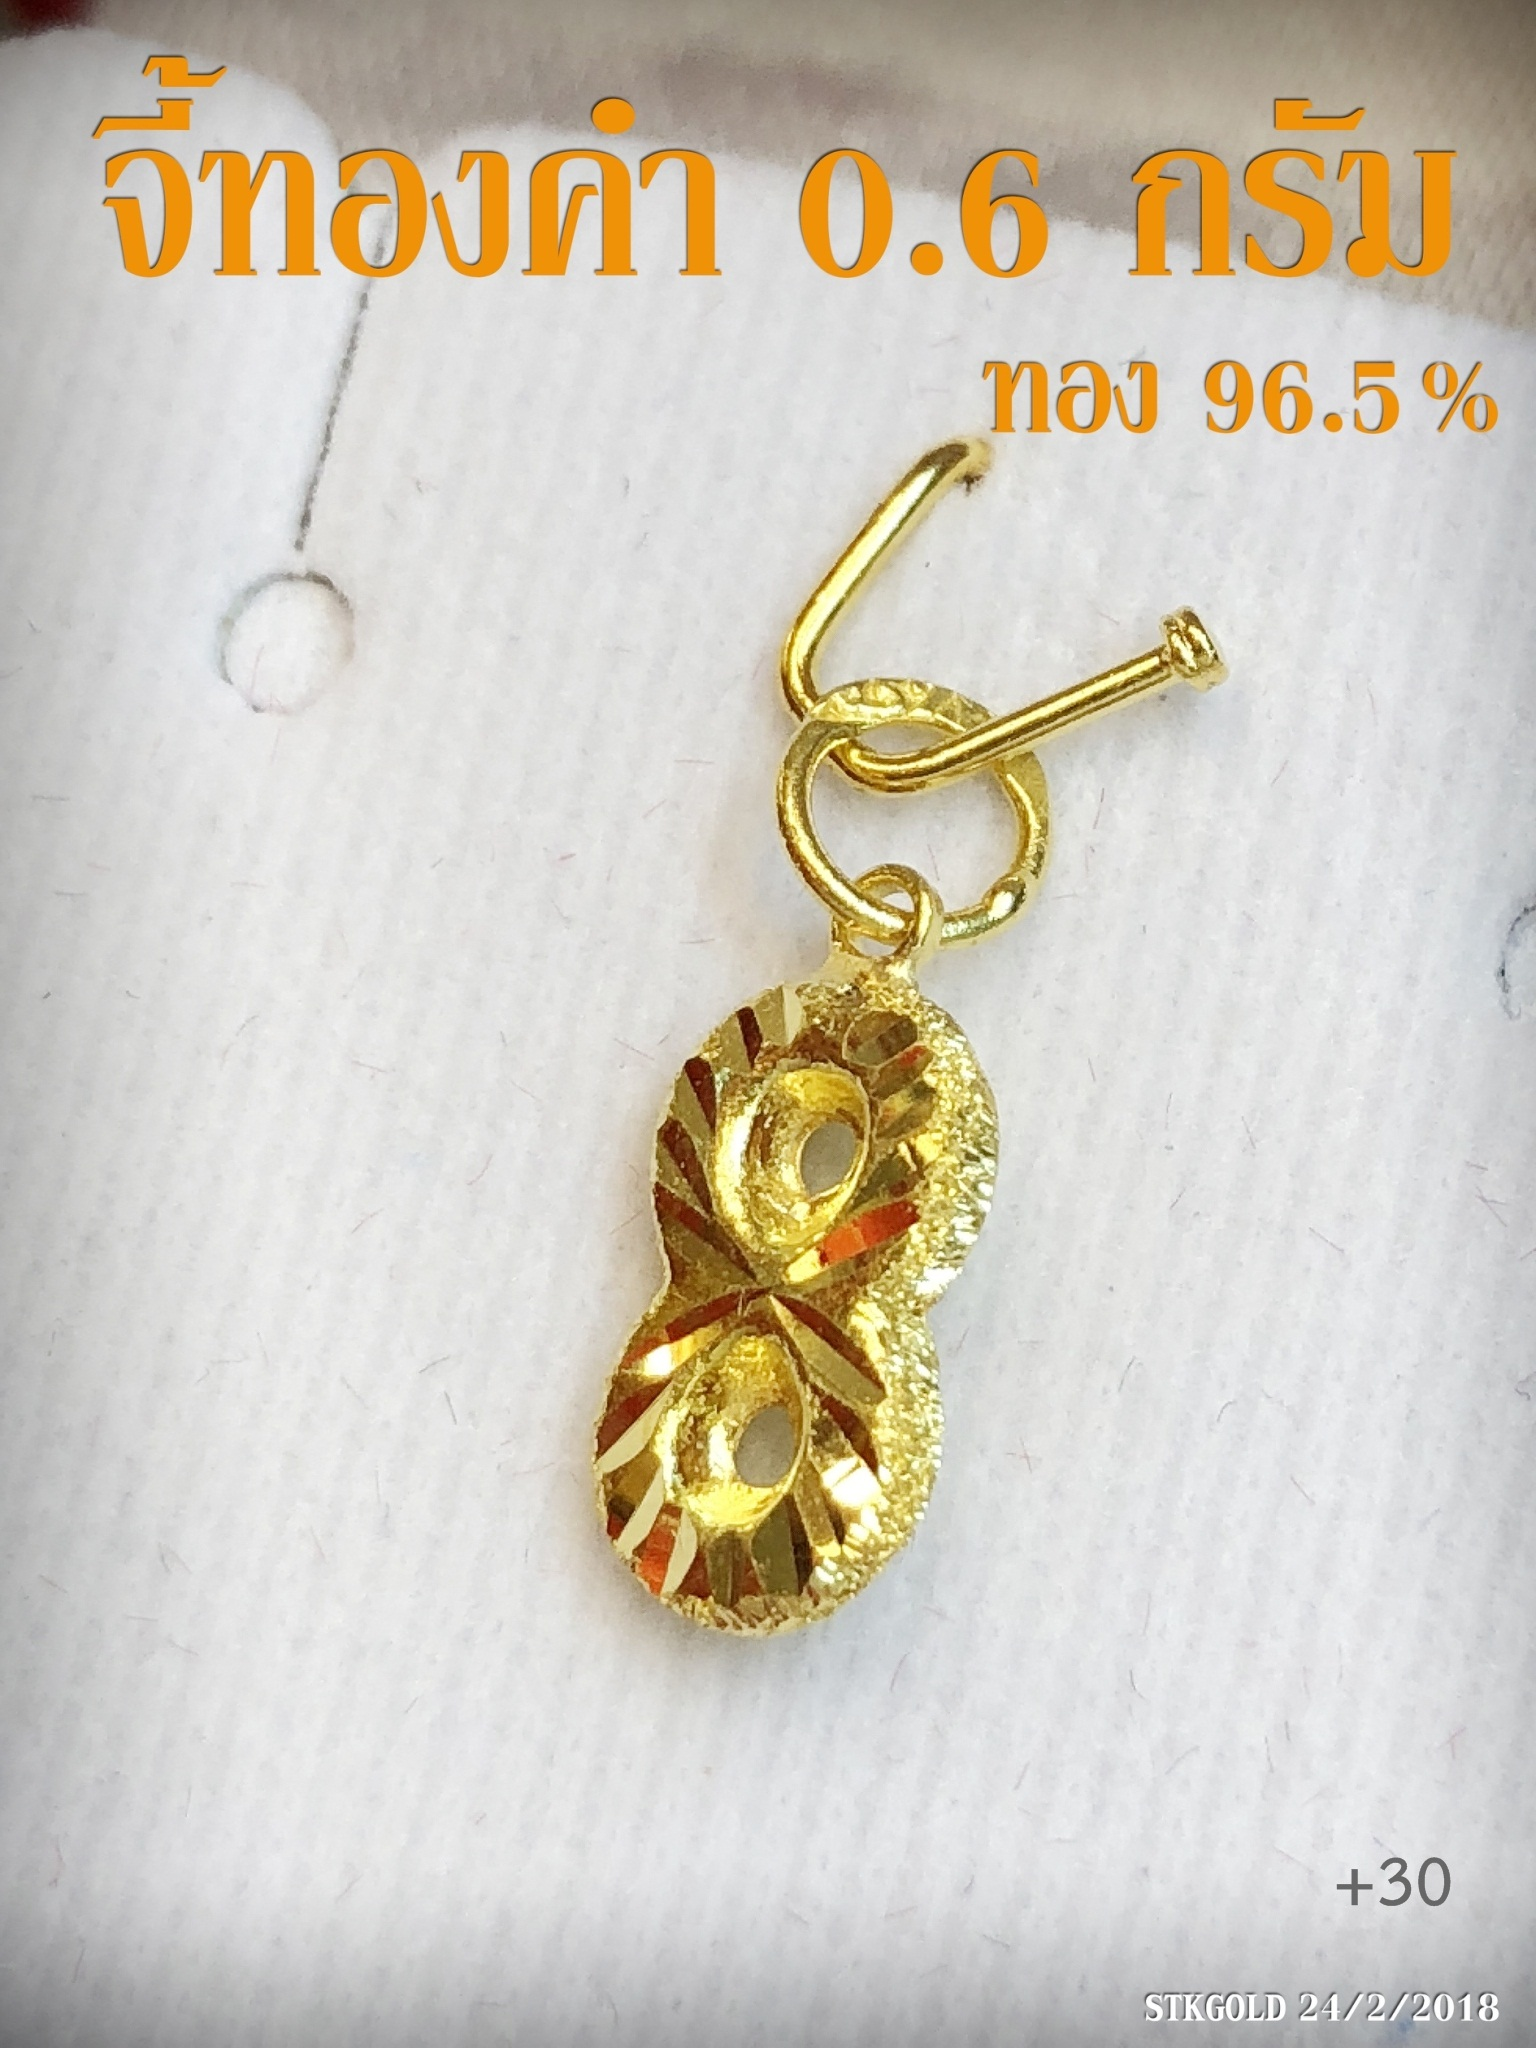 จี้ทองแท้ 96.5% หนัก 0.6 กรัม